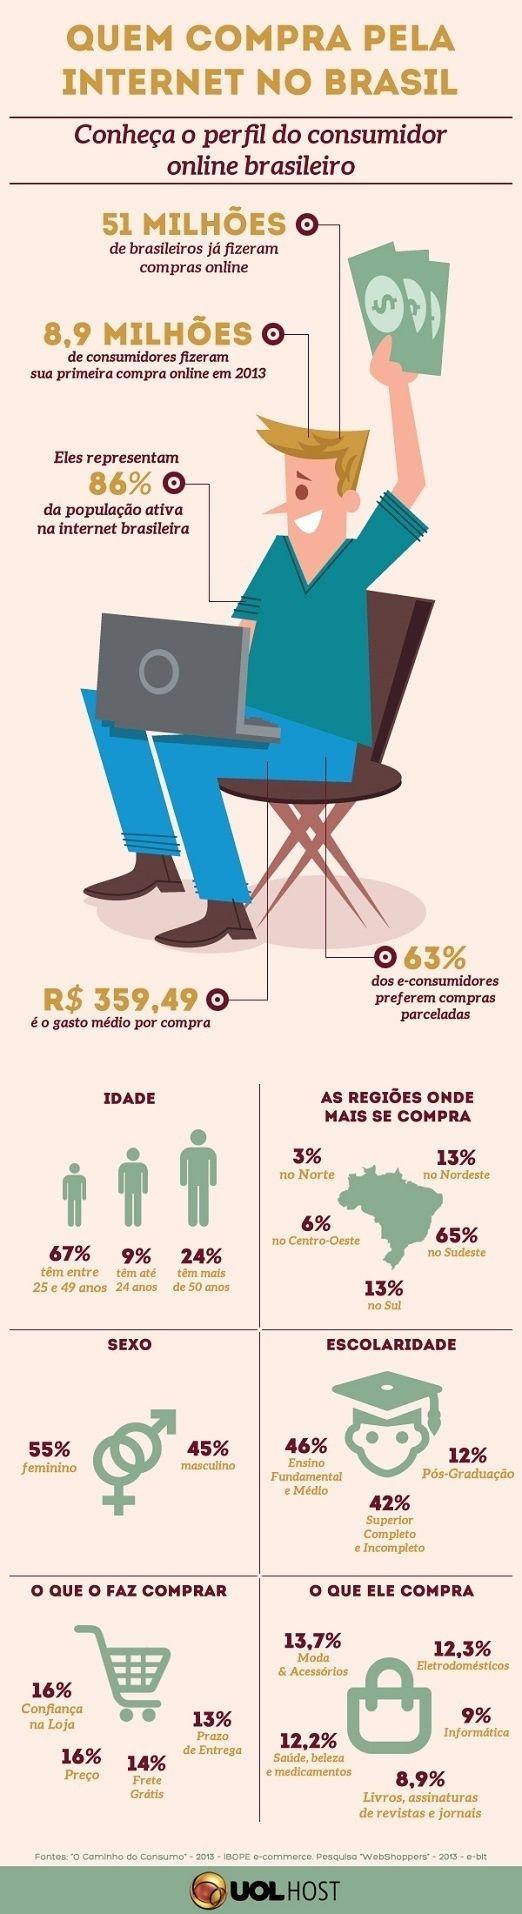 Quem compra pela Internet no Brasil - Assuntos Criativos